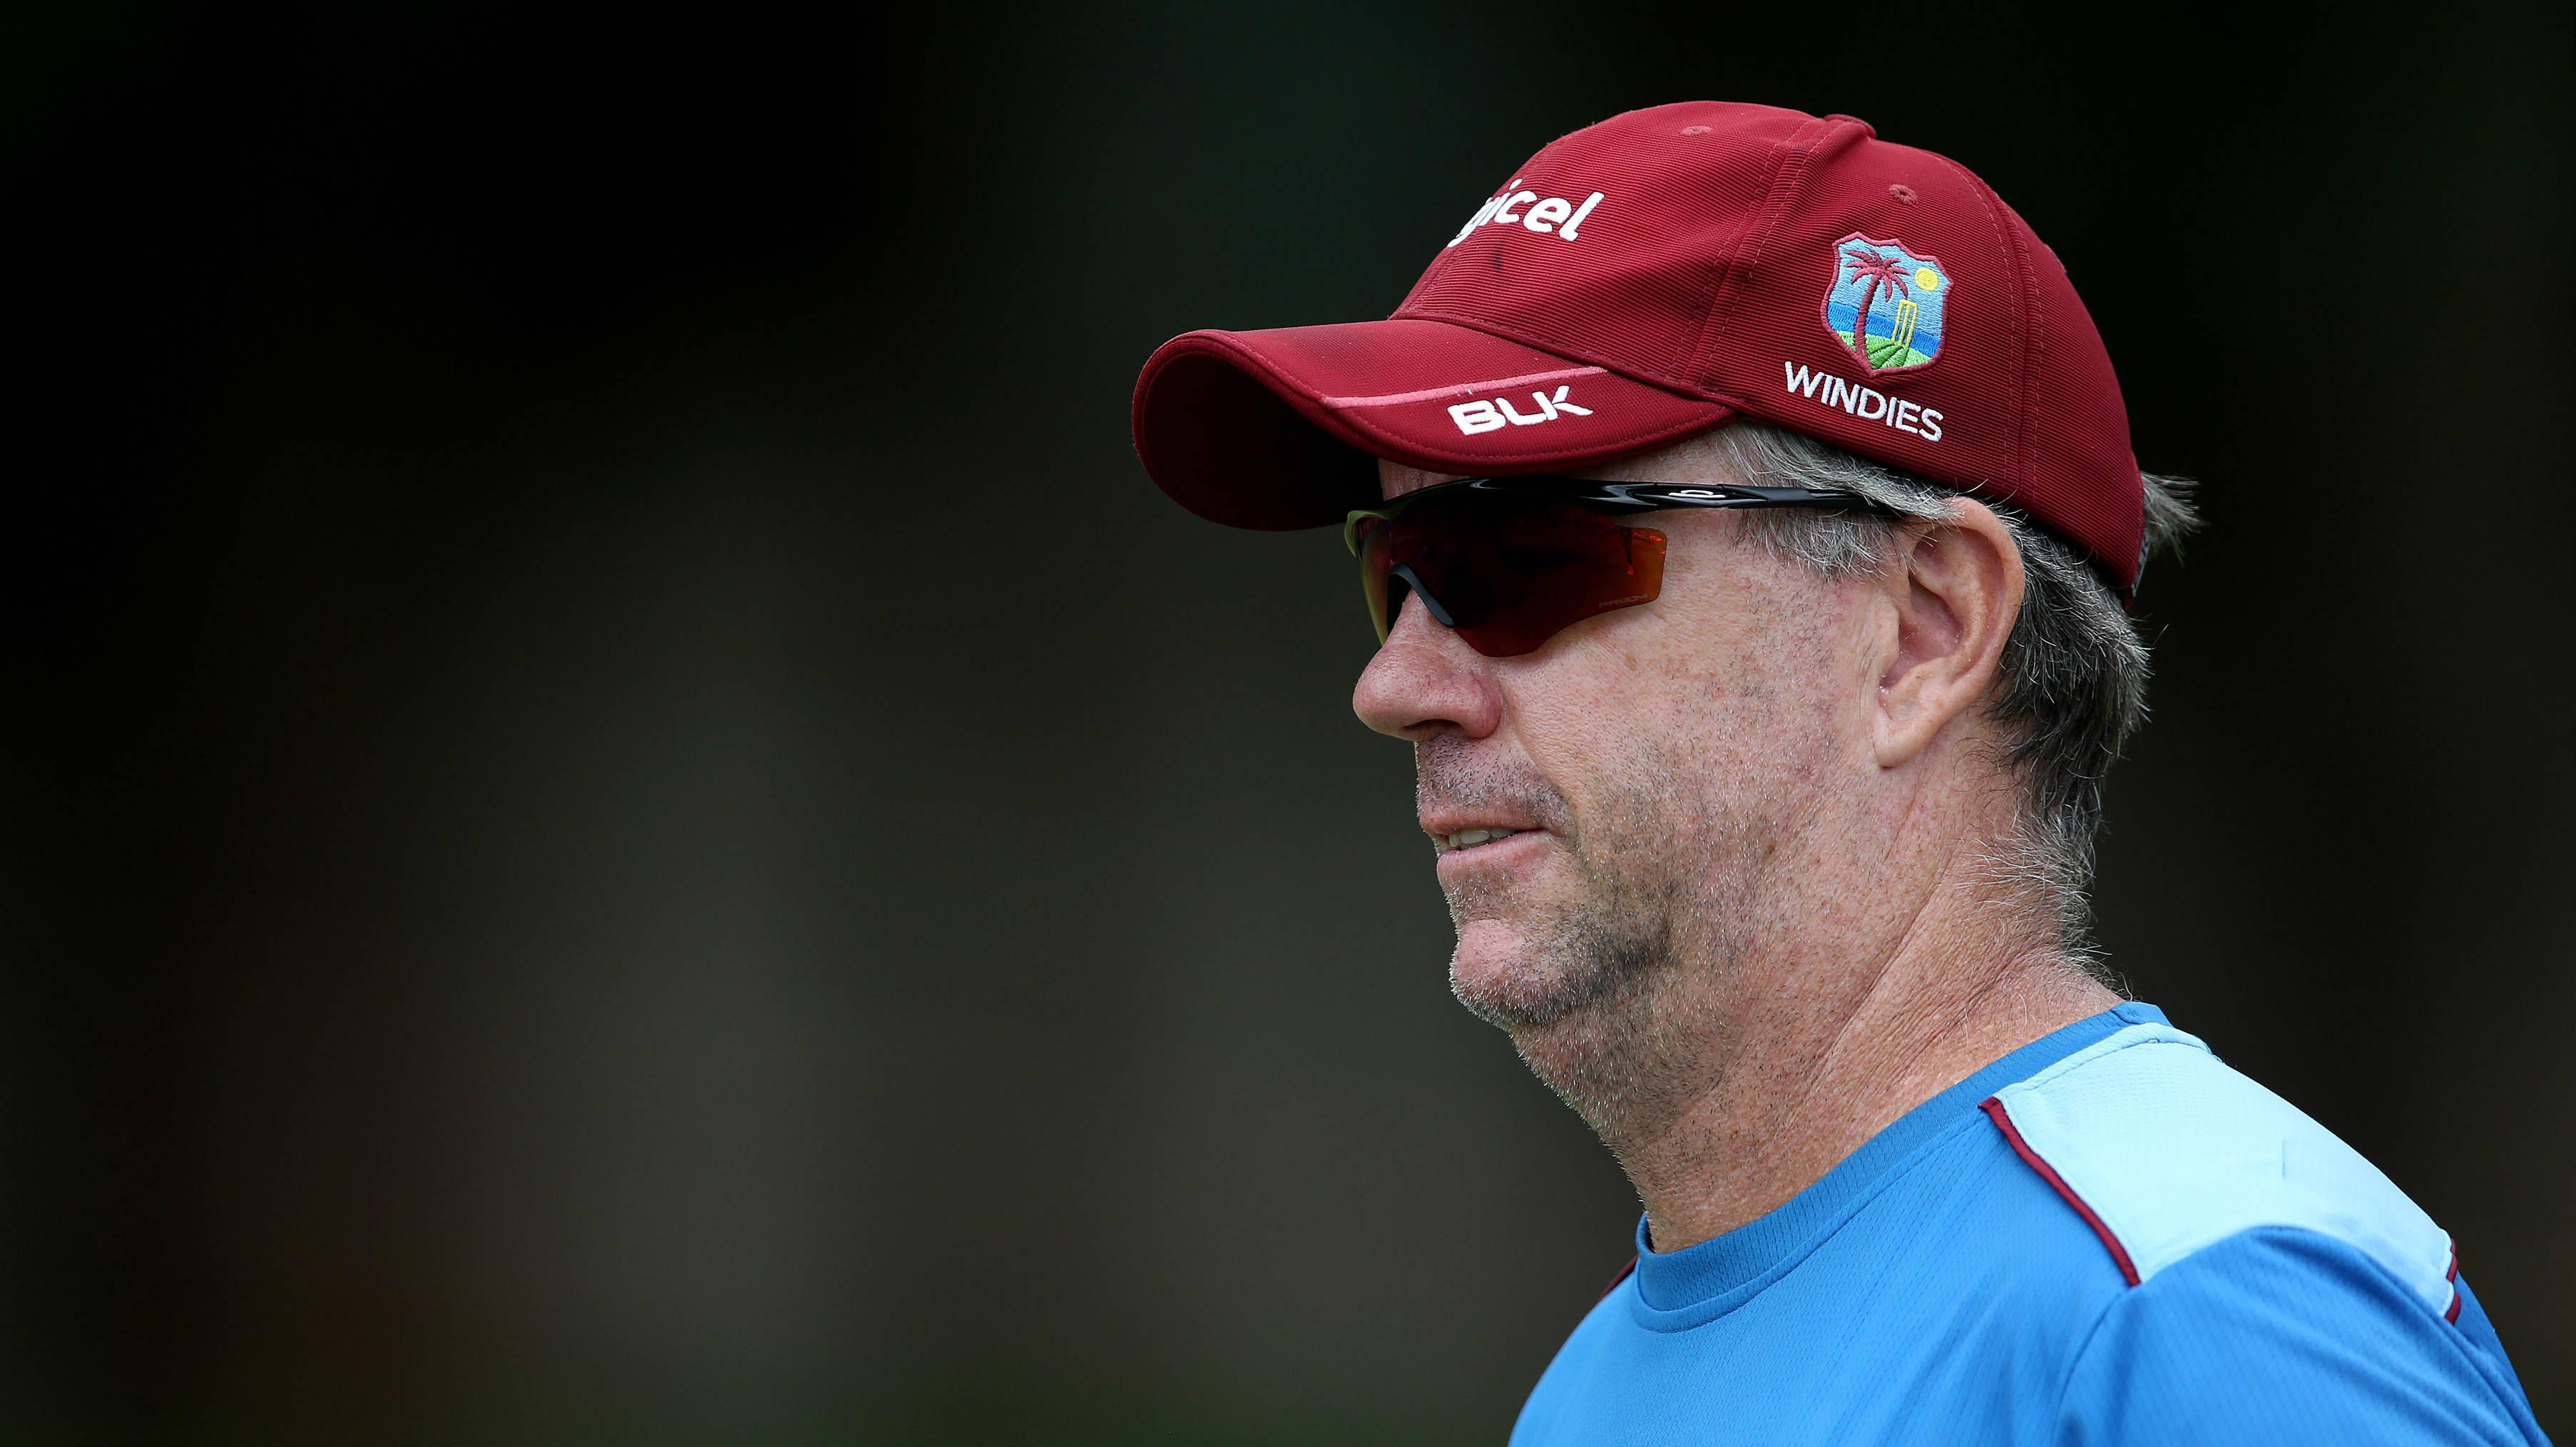 वेस्टइंडीज को लगा बड़ा झटका, आईसीसी ने कोच स्टुअर्ट लॉ को किया निलंबित, भारत से हार नहीं बल्कि ये हैं वजह 4